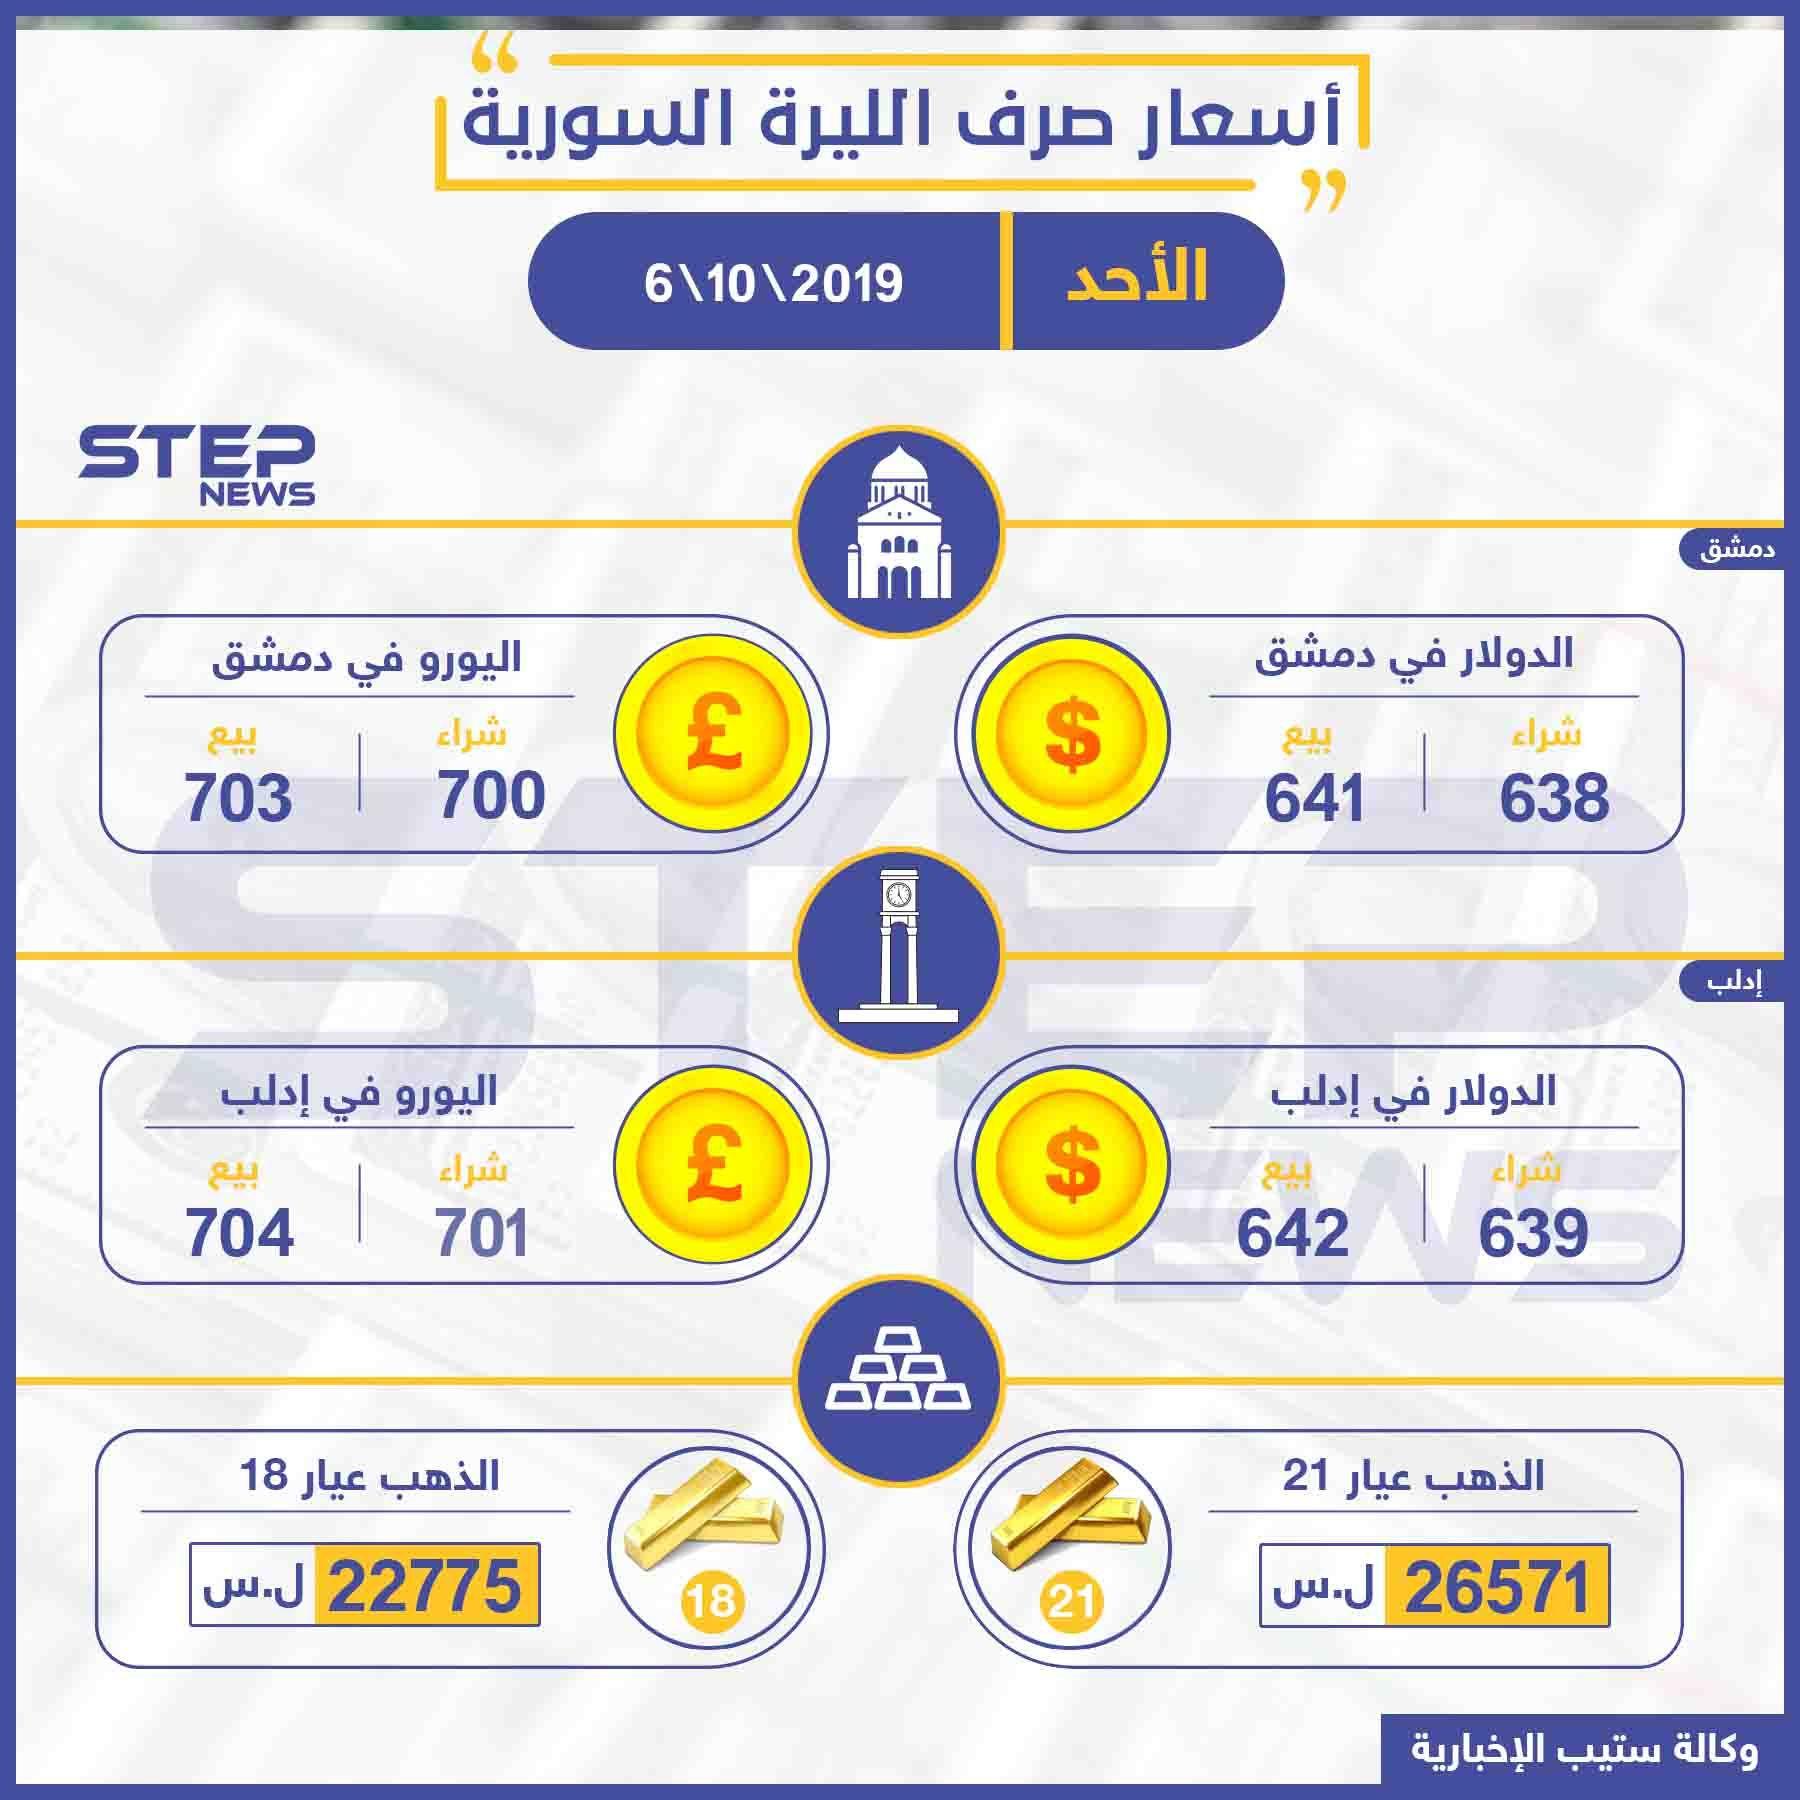 أسعار الذهب والعملات في سوريا اليوم 6 10 2019 Agency Selina Kyle Airline